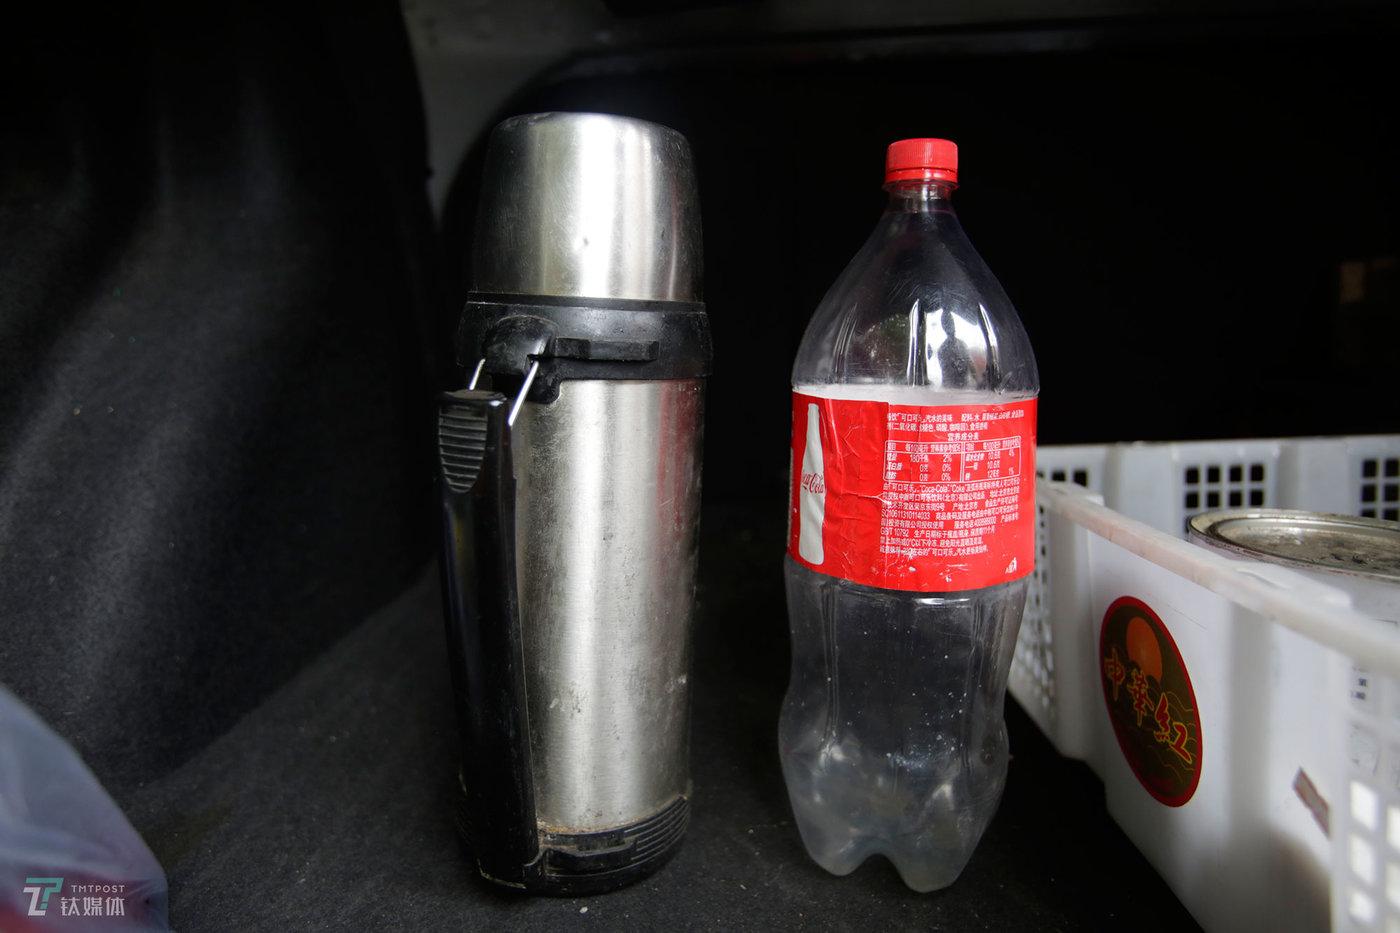 左边是钟辰携带的水壶,右边是他用来在车上解决小便的瓶子。